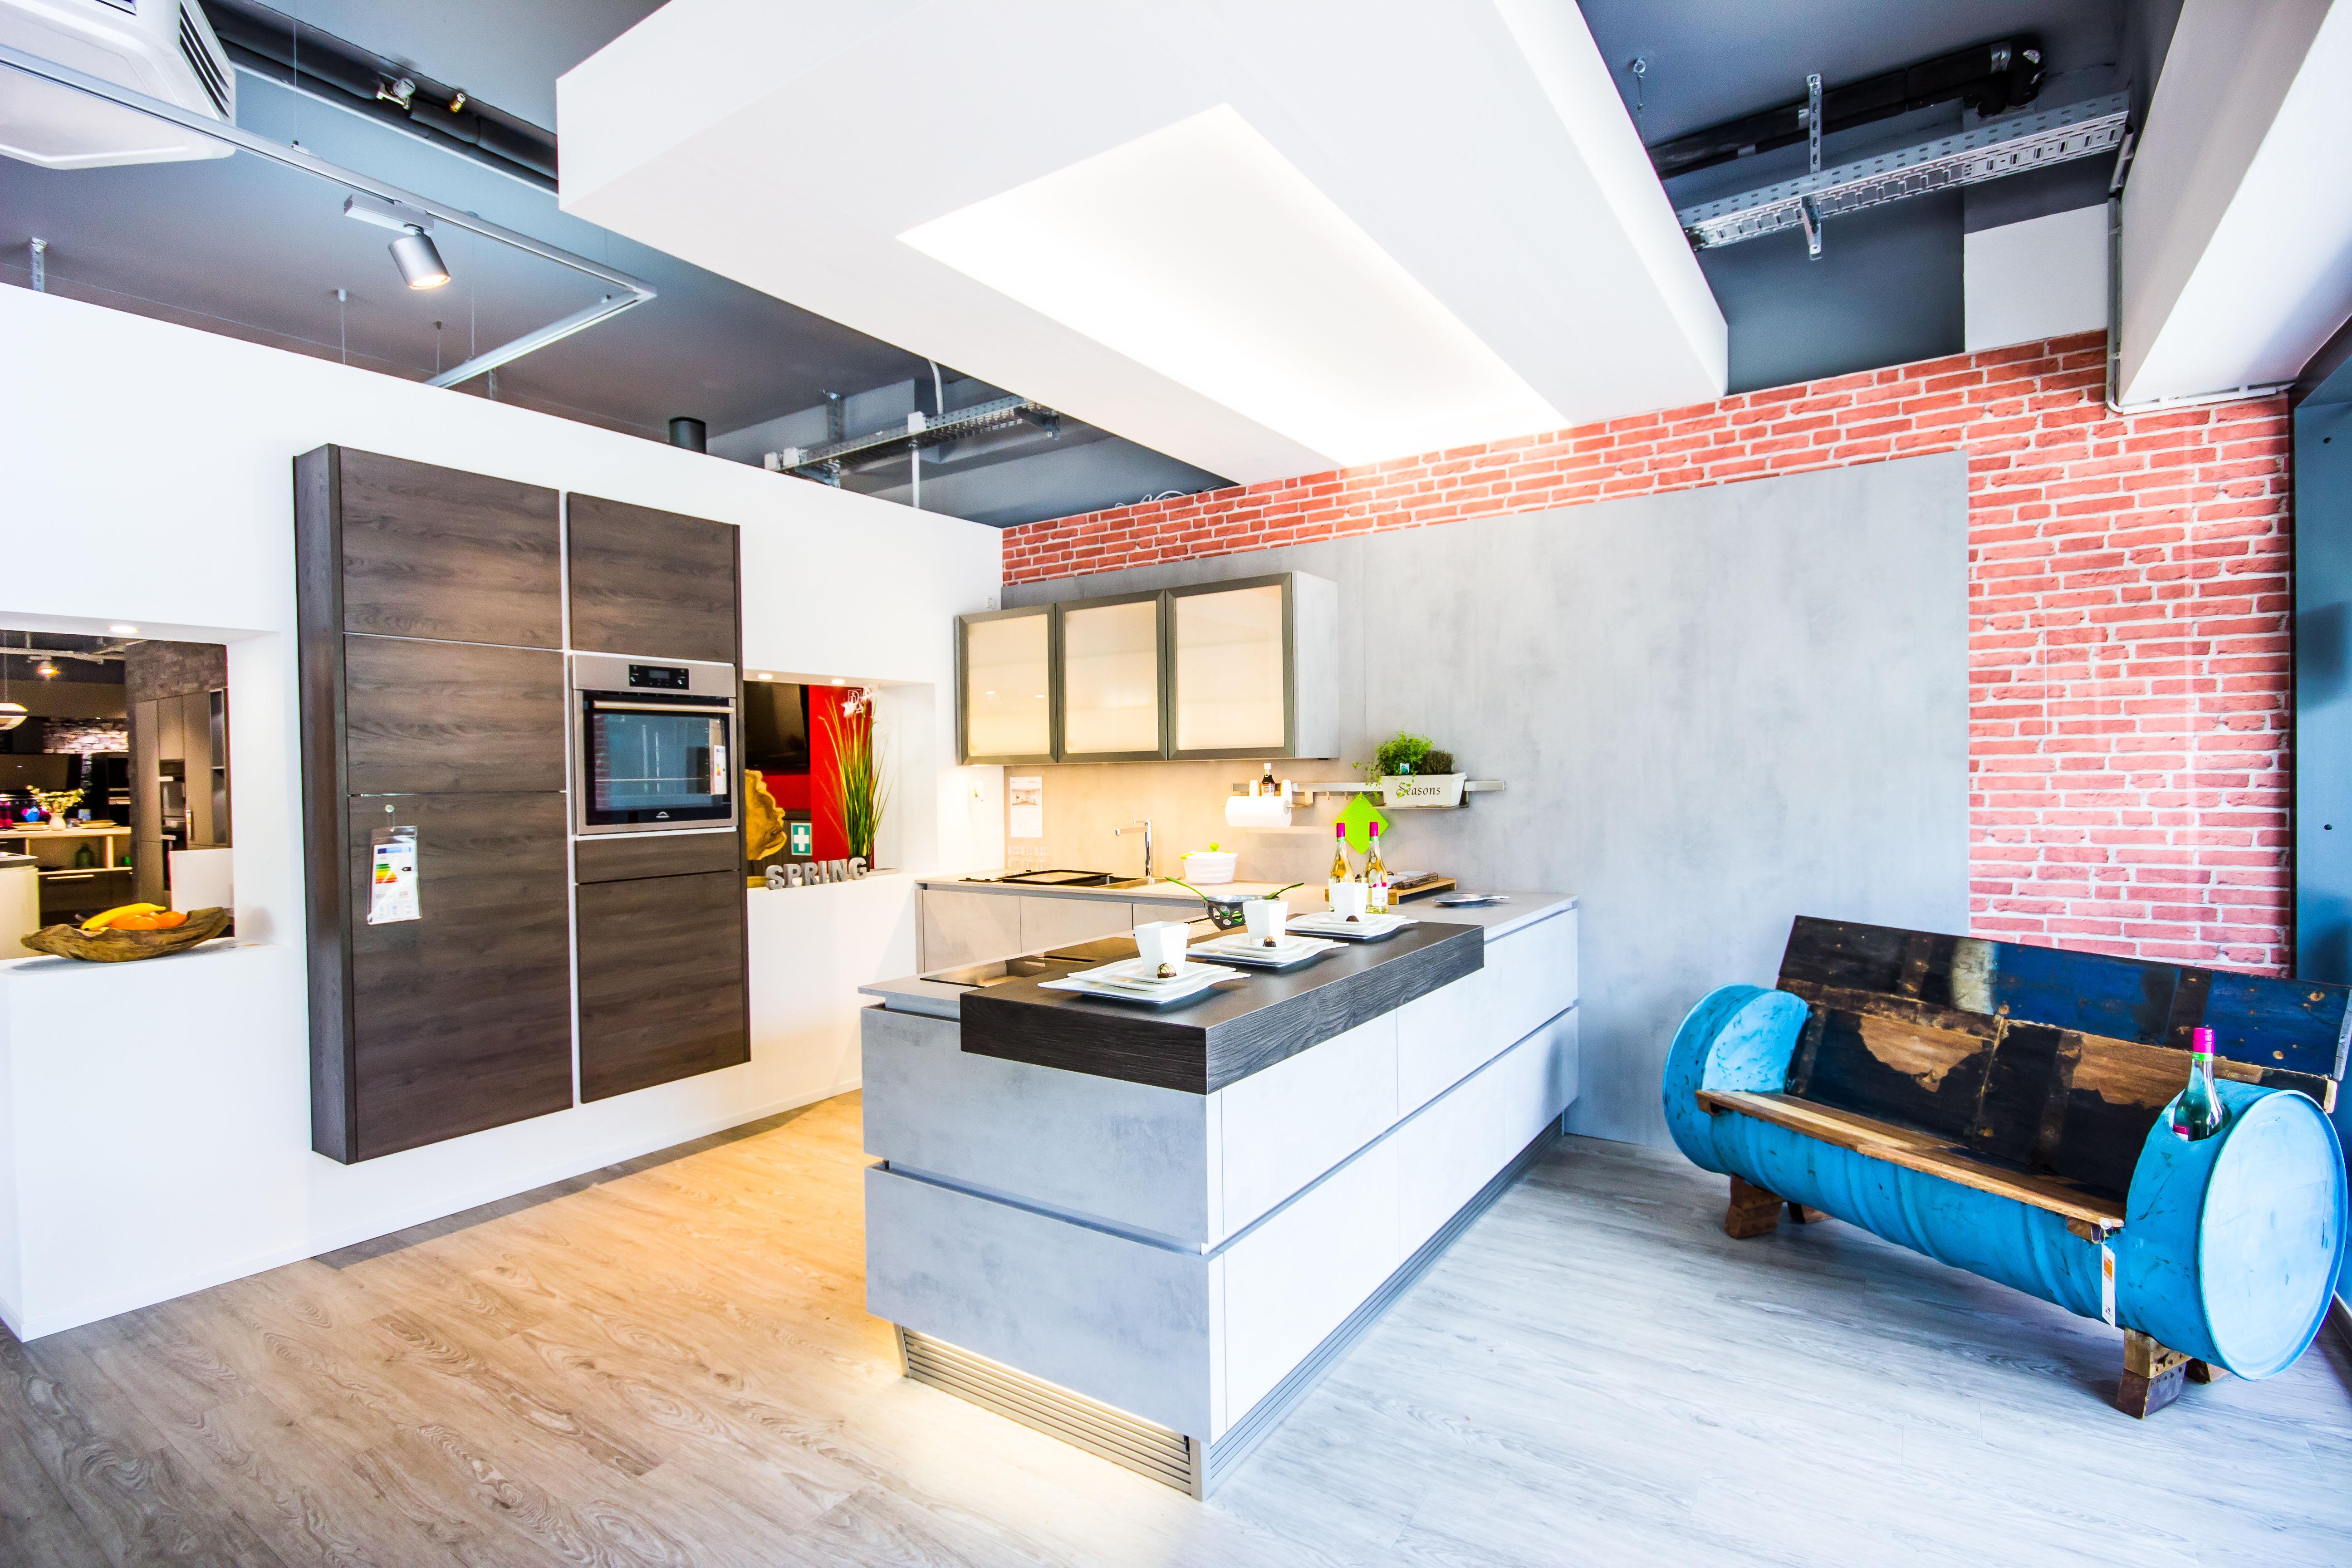 k che co hamburg rahlstedt in 22143 hamburg. Black Bedroom Furniture Sets. Home Design Ideas